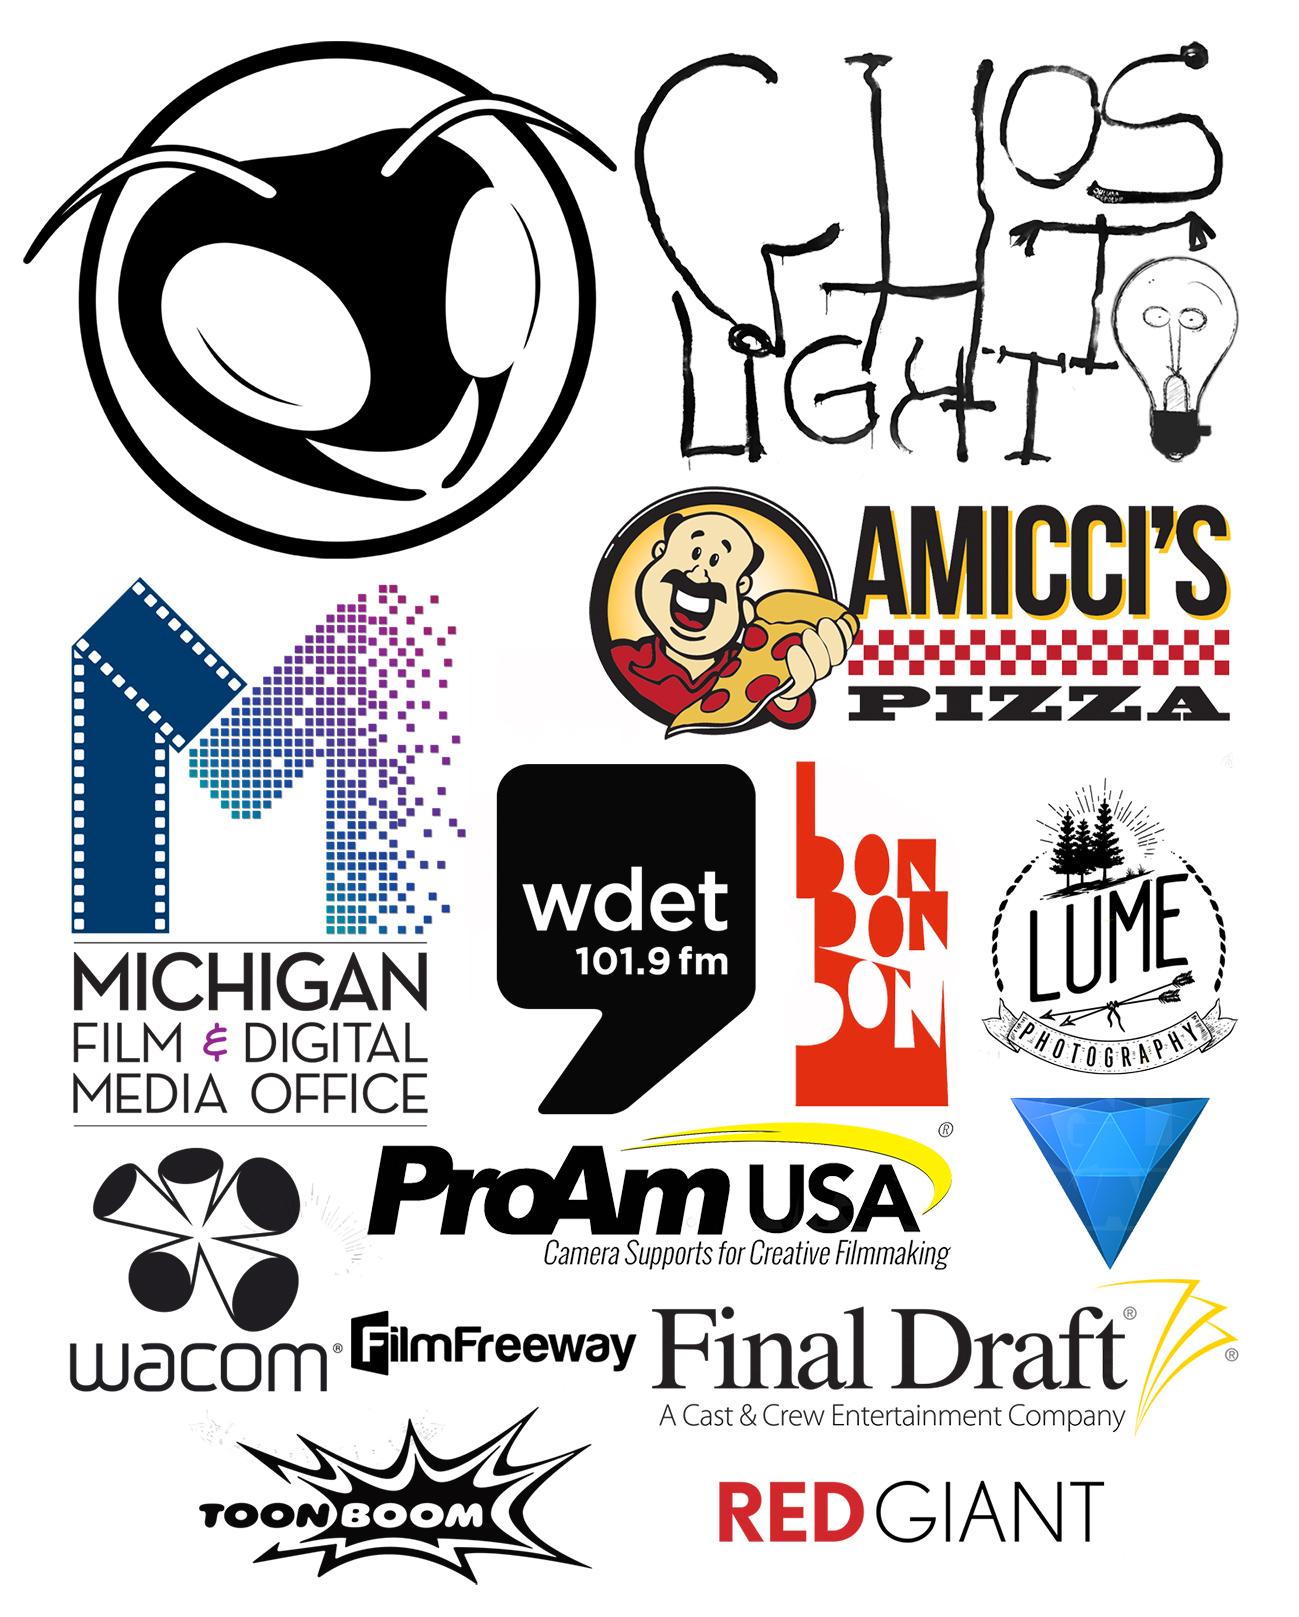 VTFF2019 Sponsors